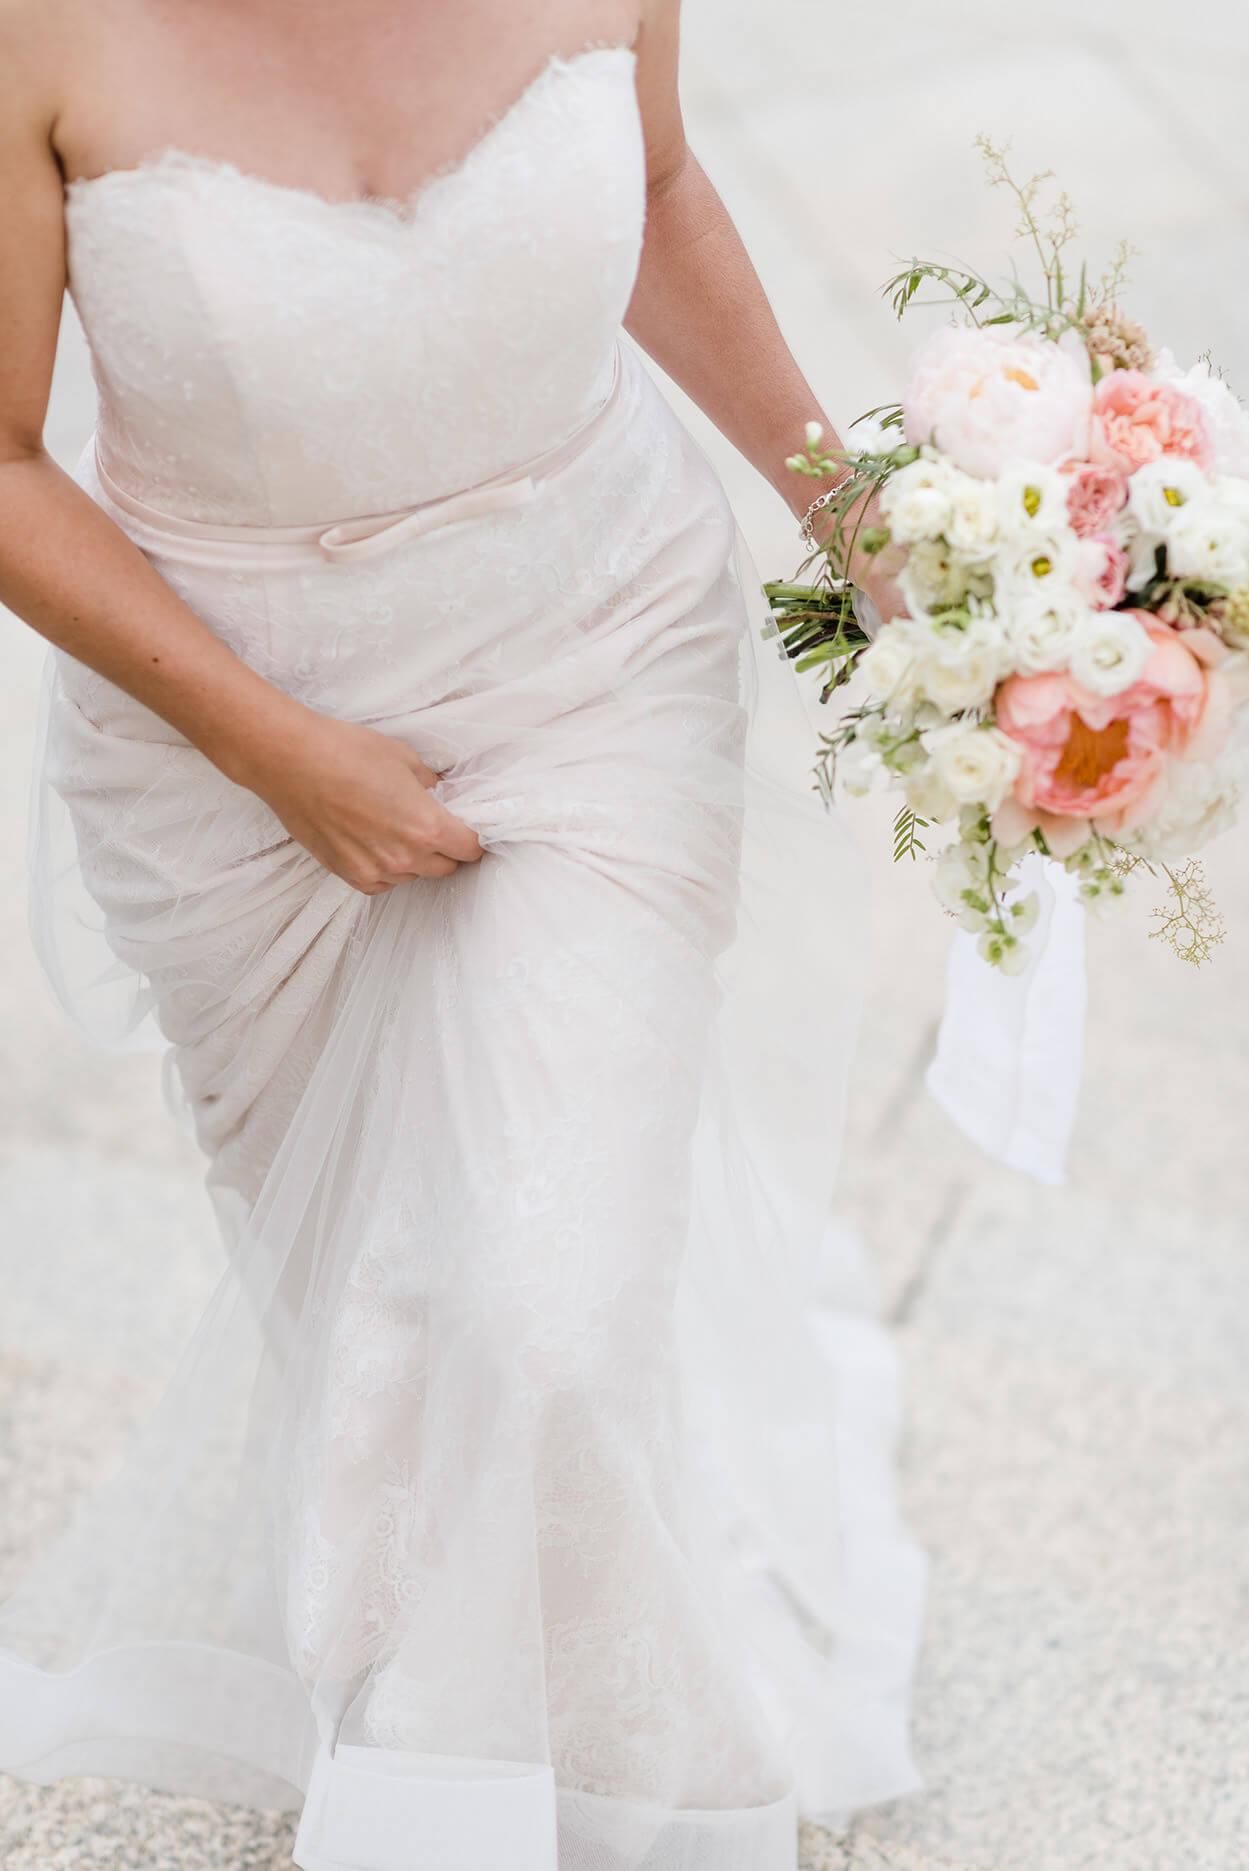 Rebecca Conte Fotografie Stuttgart: Braut mit Strauß